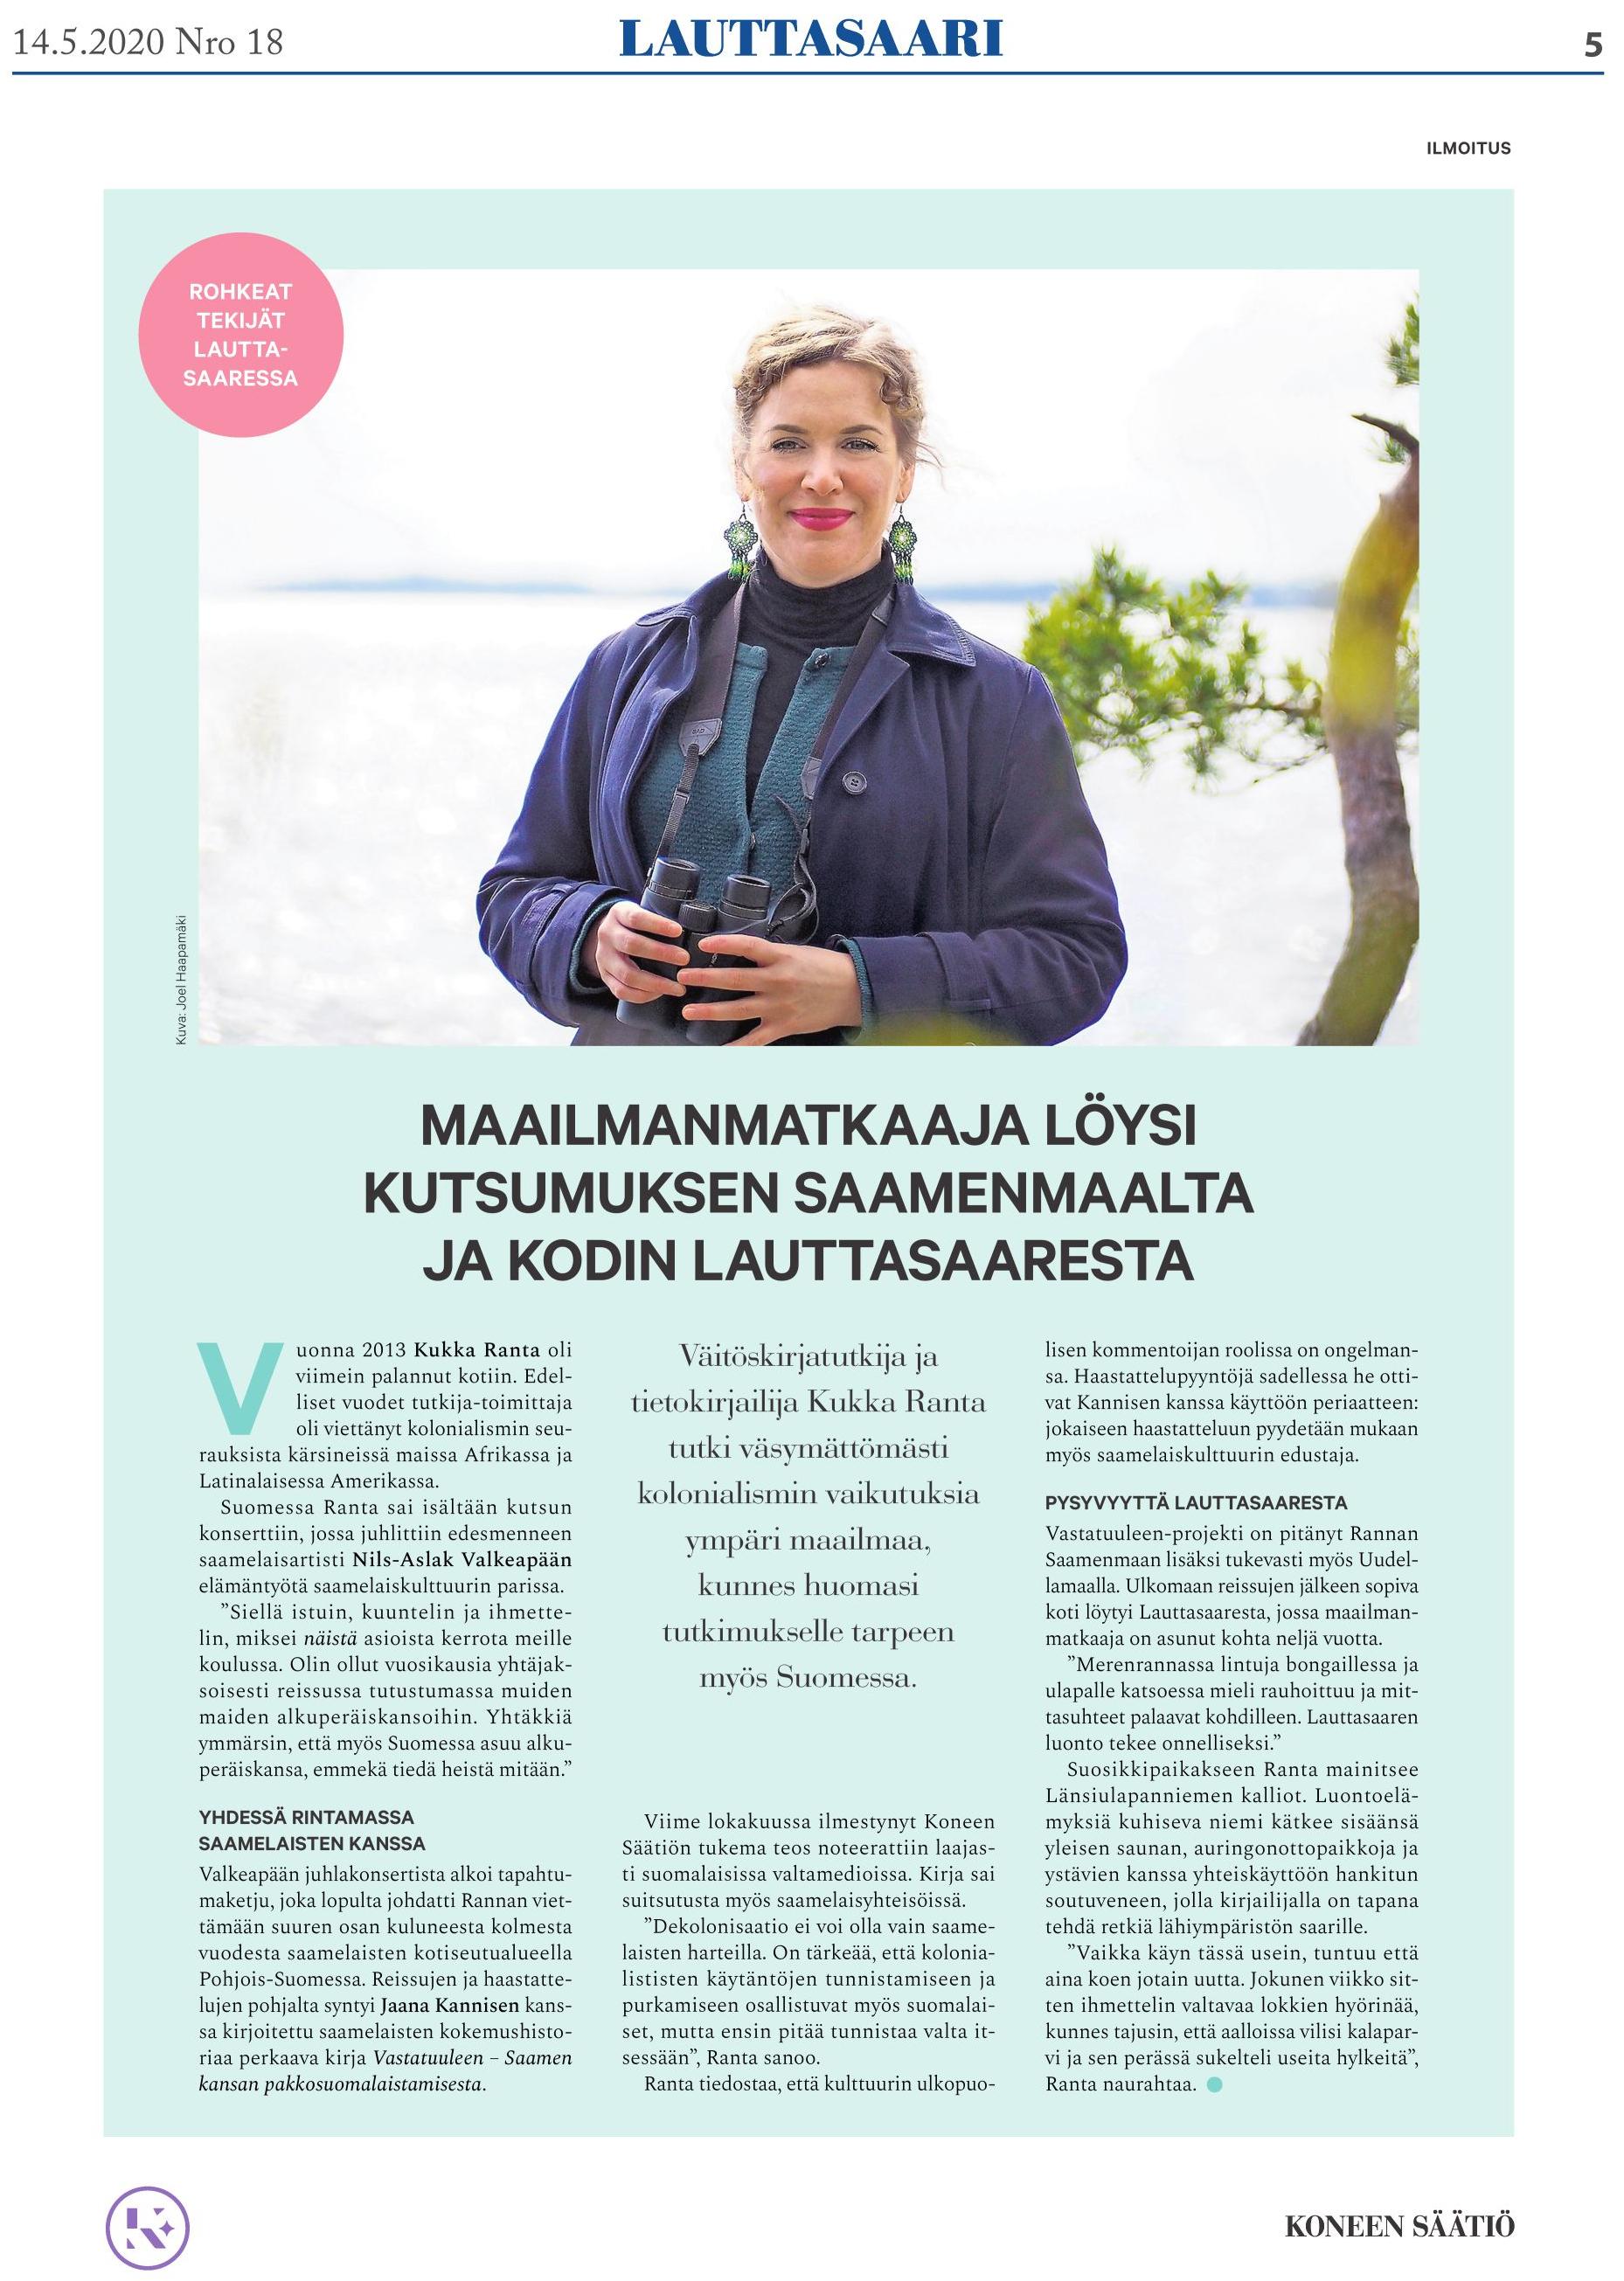 Lauttasaarilehti-20200514-Rohkeattekijat-KukkaRanta